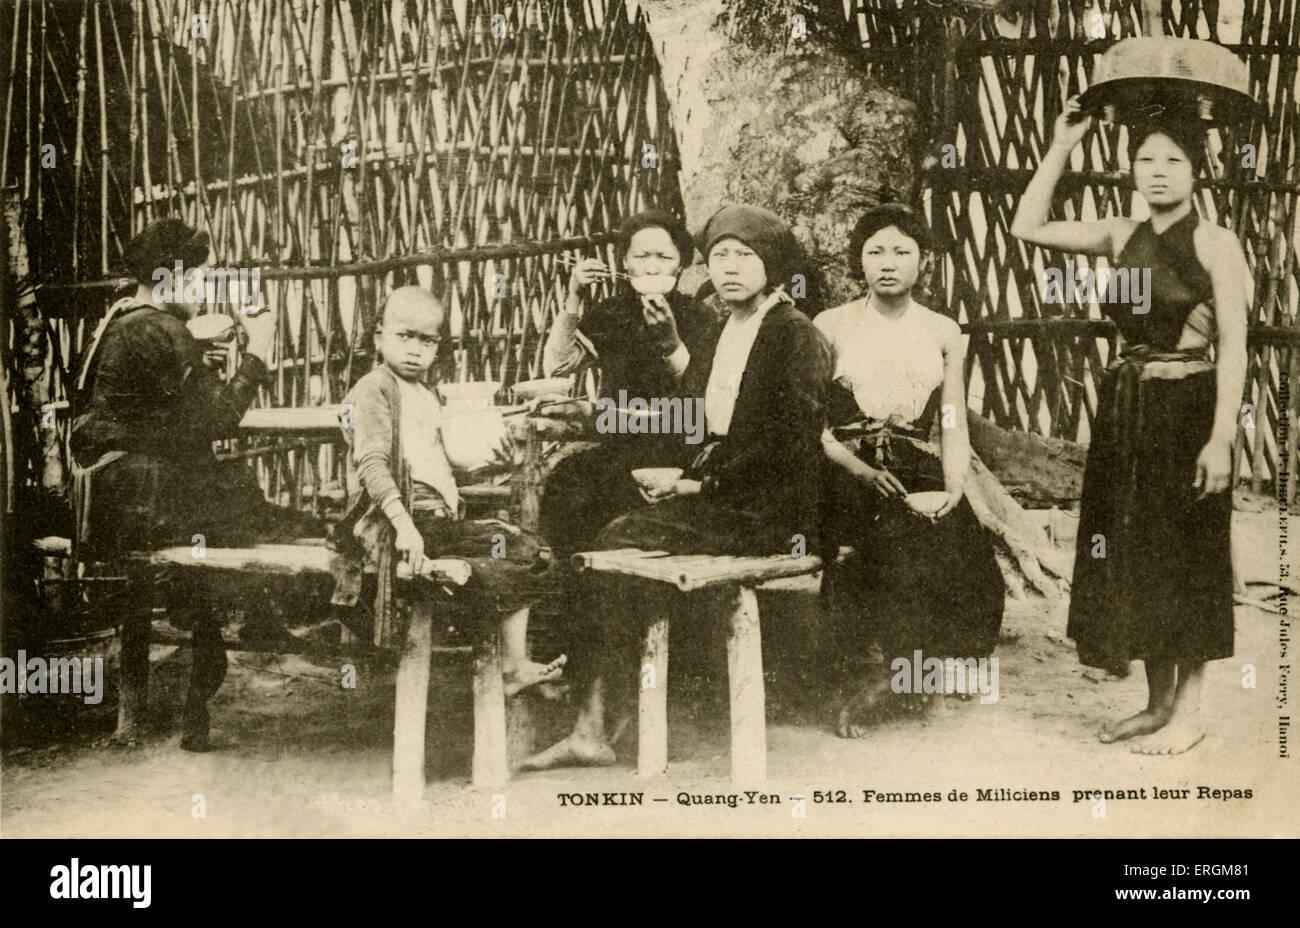 Frauen der vietnamesischen Miliz Tonkin, Nord-Vietnam. Ansichtskarte 1904 verwendet. Stockbild